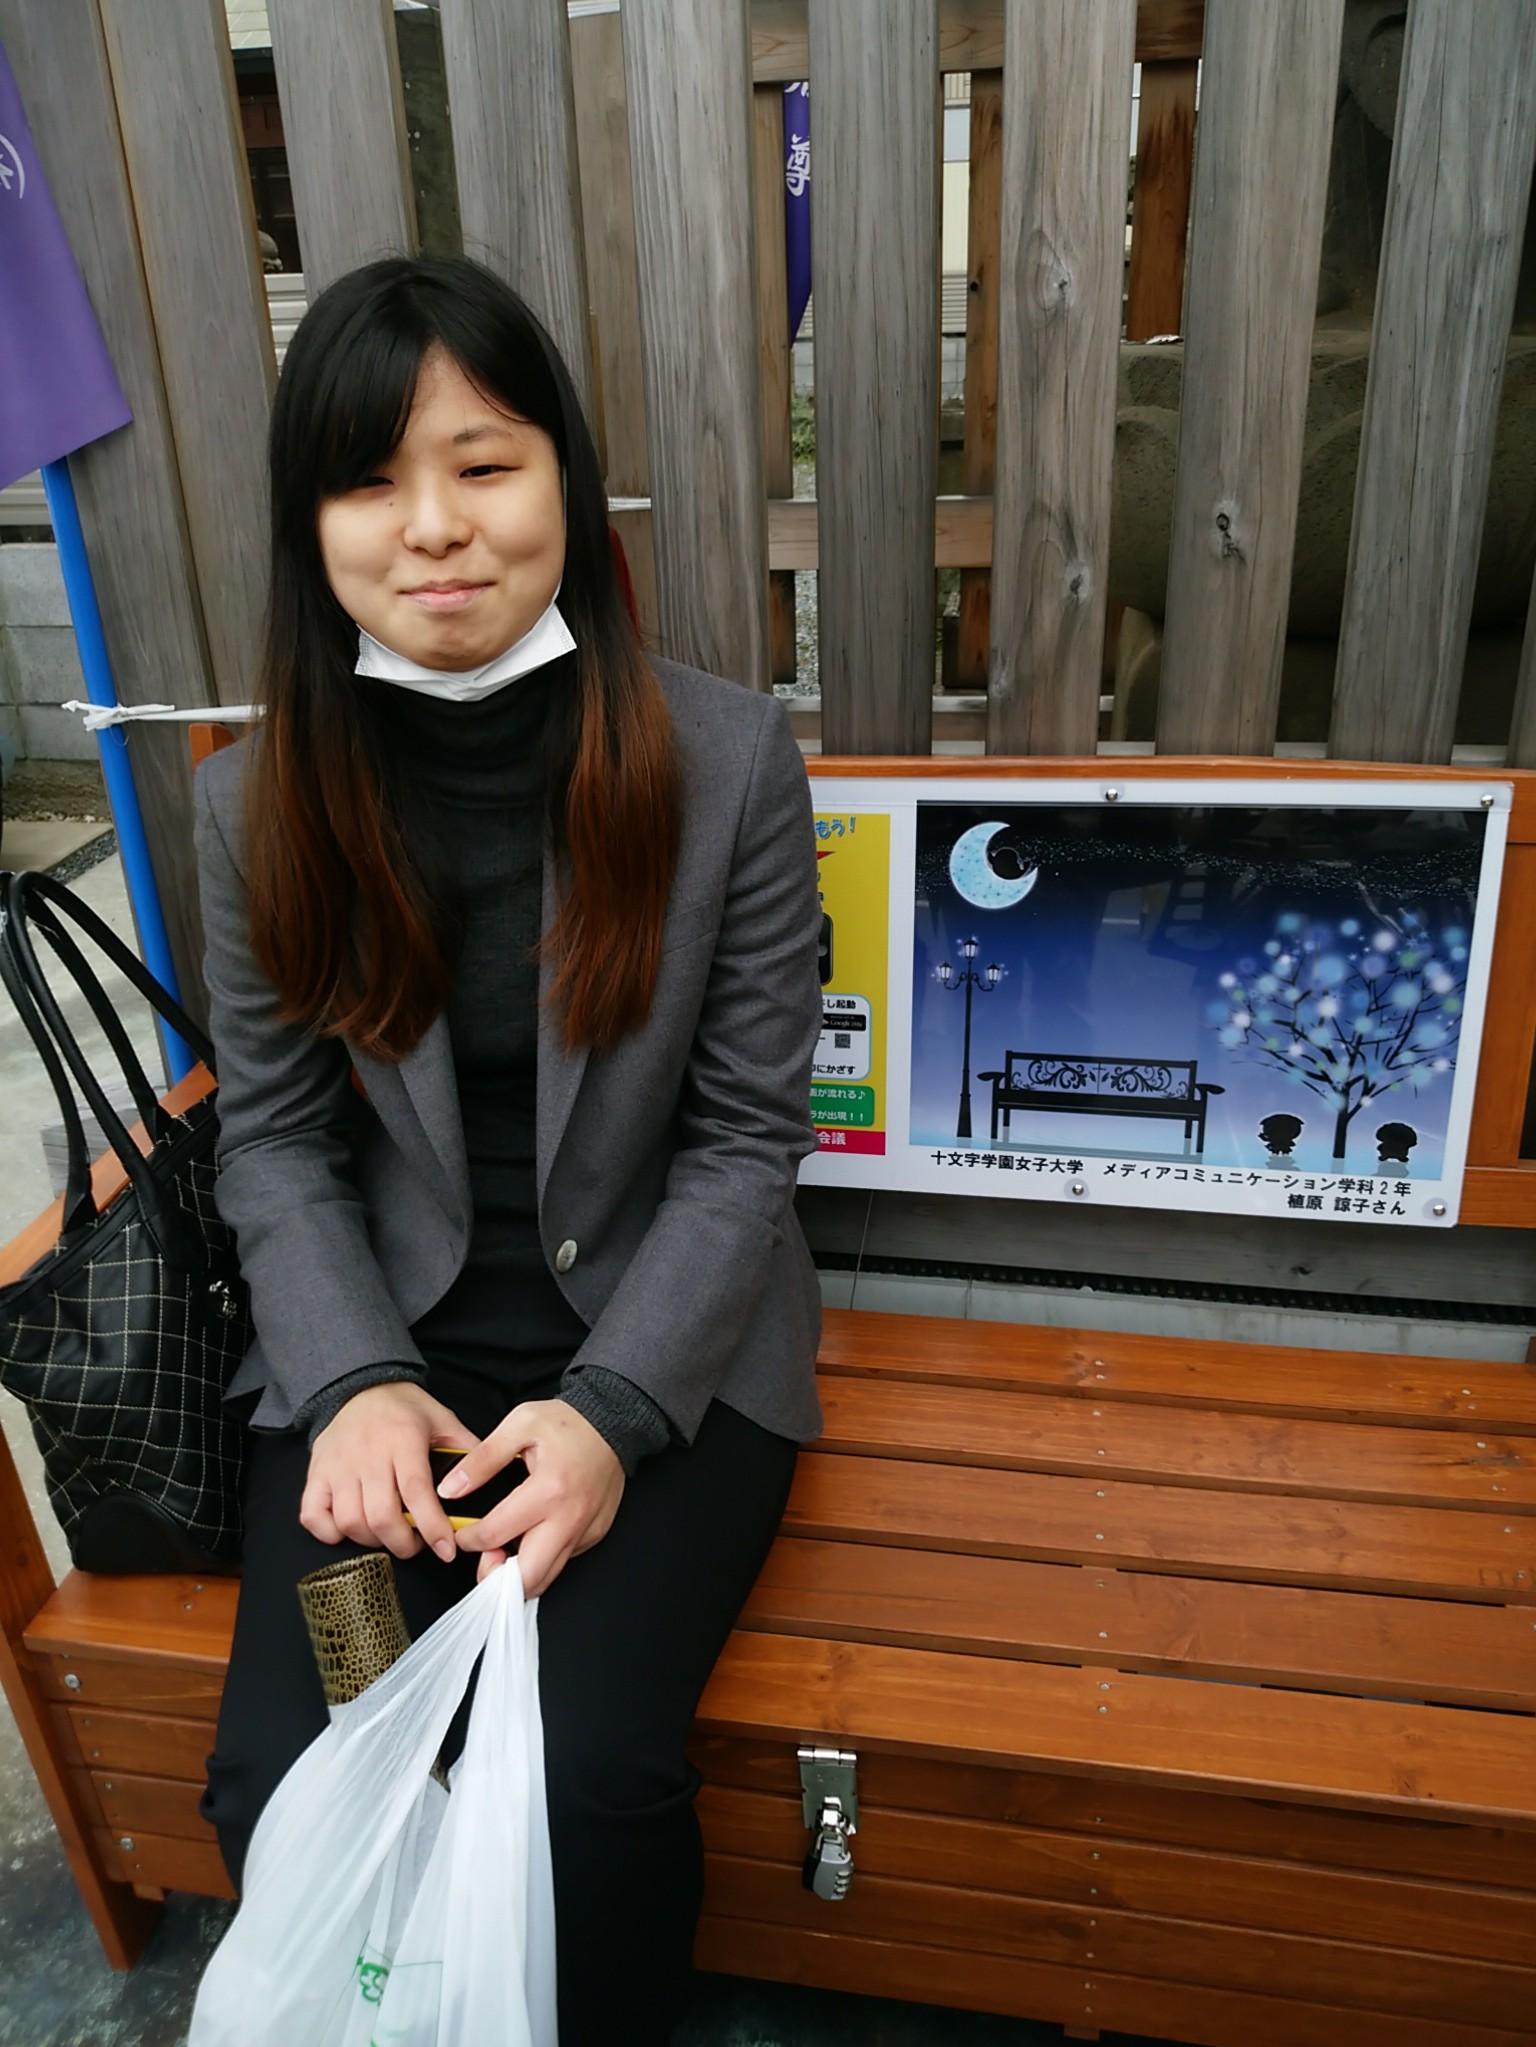 植原諒子さん(メディアコミュニケーション学科2年)に感謝状/志木市のベンチの絵をデザイン